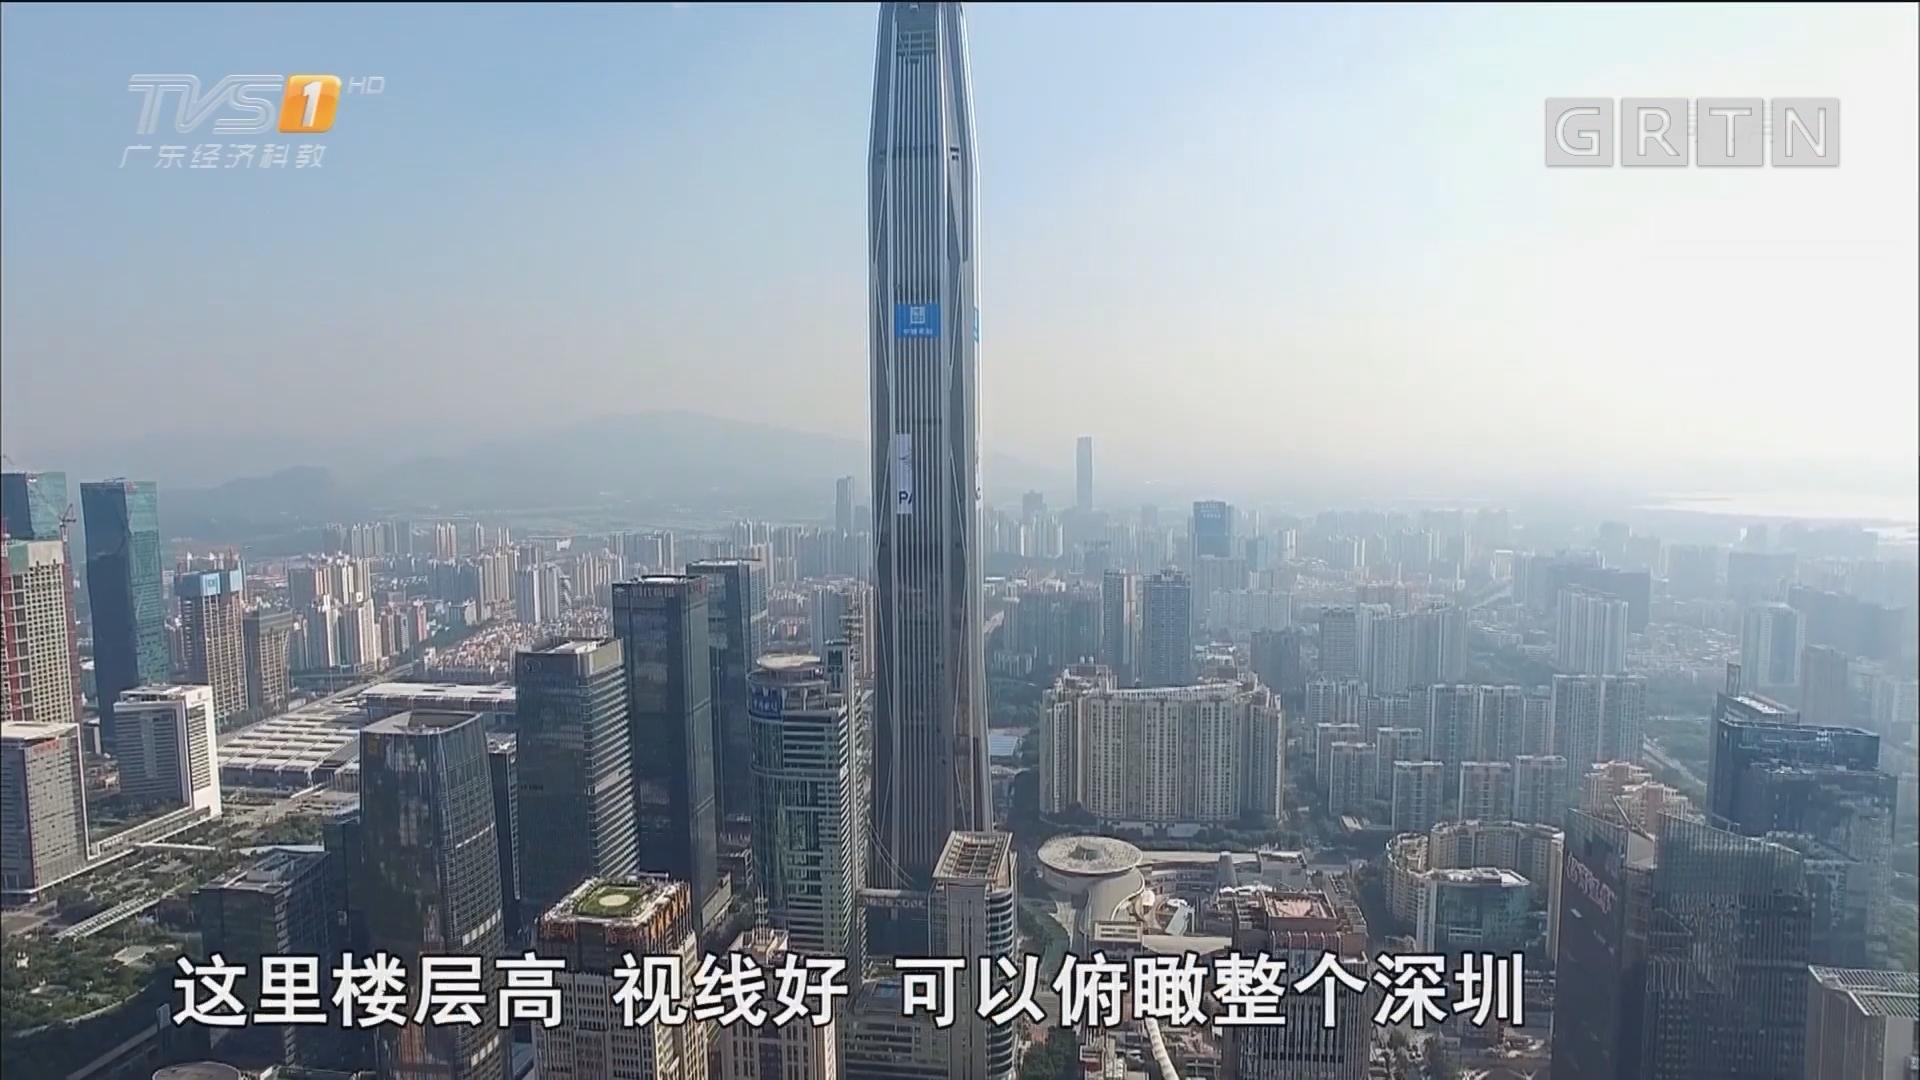 深圳:两个地标,两代建设者的奋斗